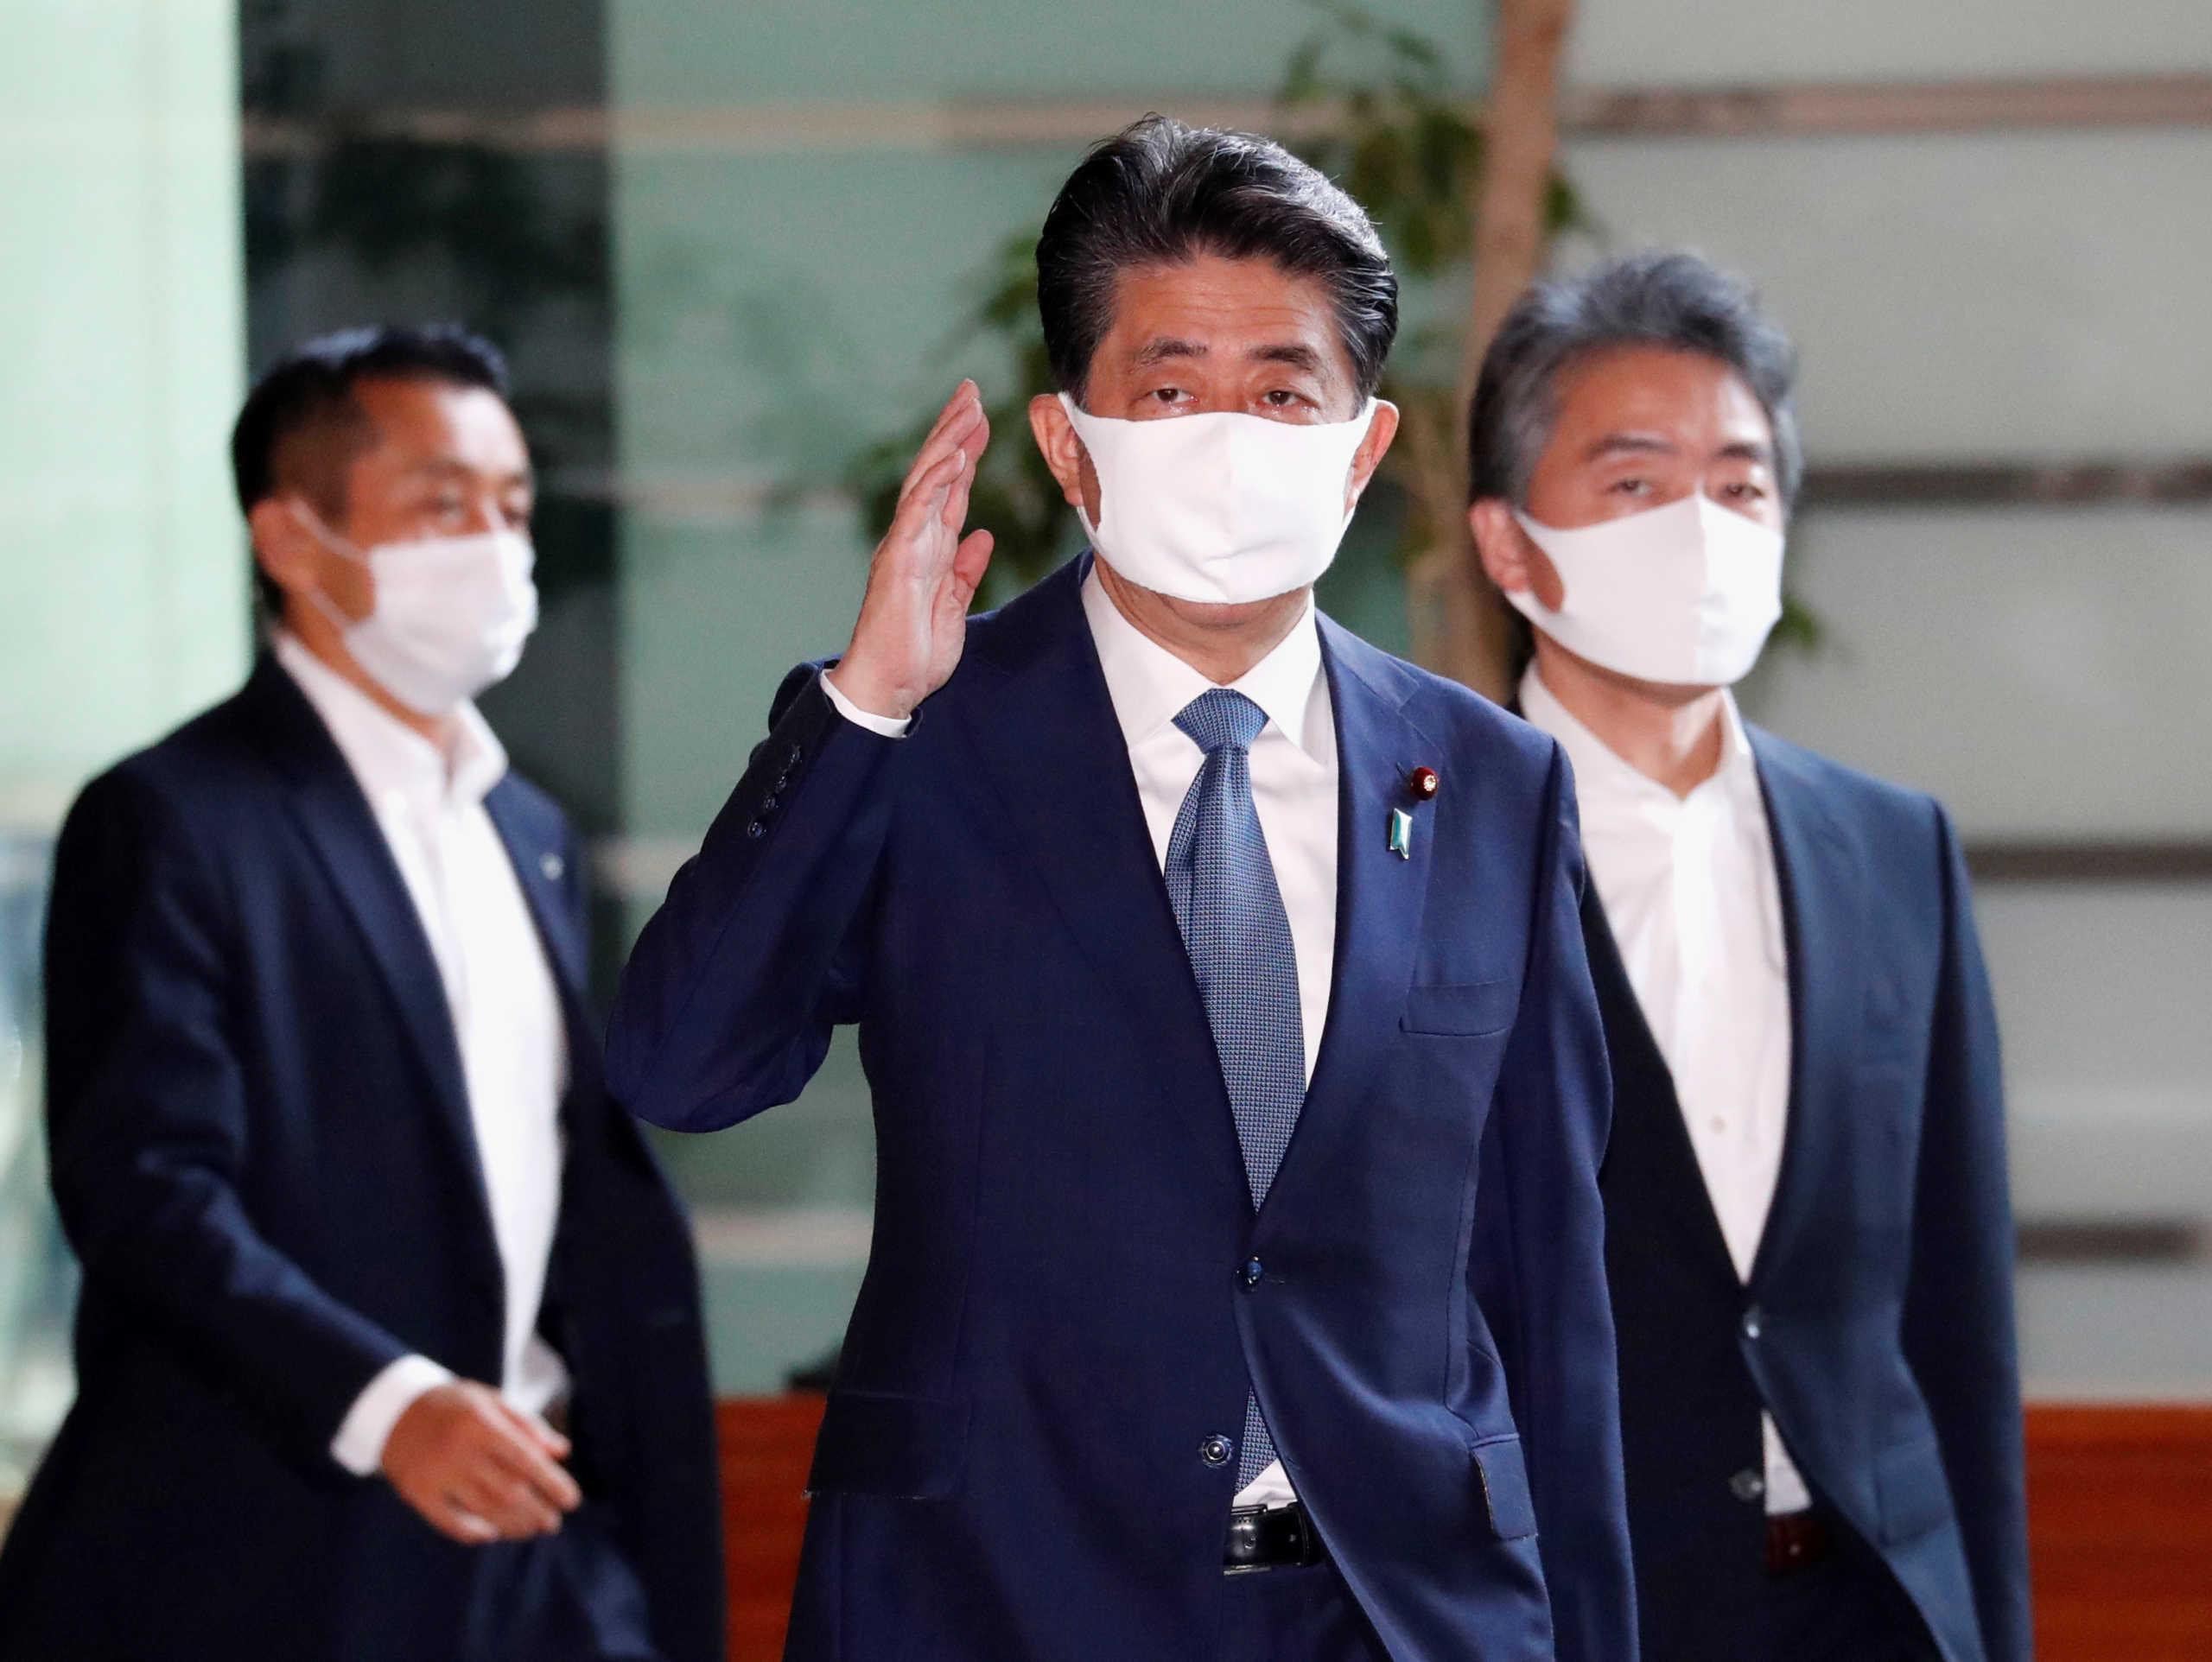 Παραιτείται ο Ιάπωνας πρωθυπουργος, Σίνζο Άμπε